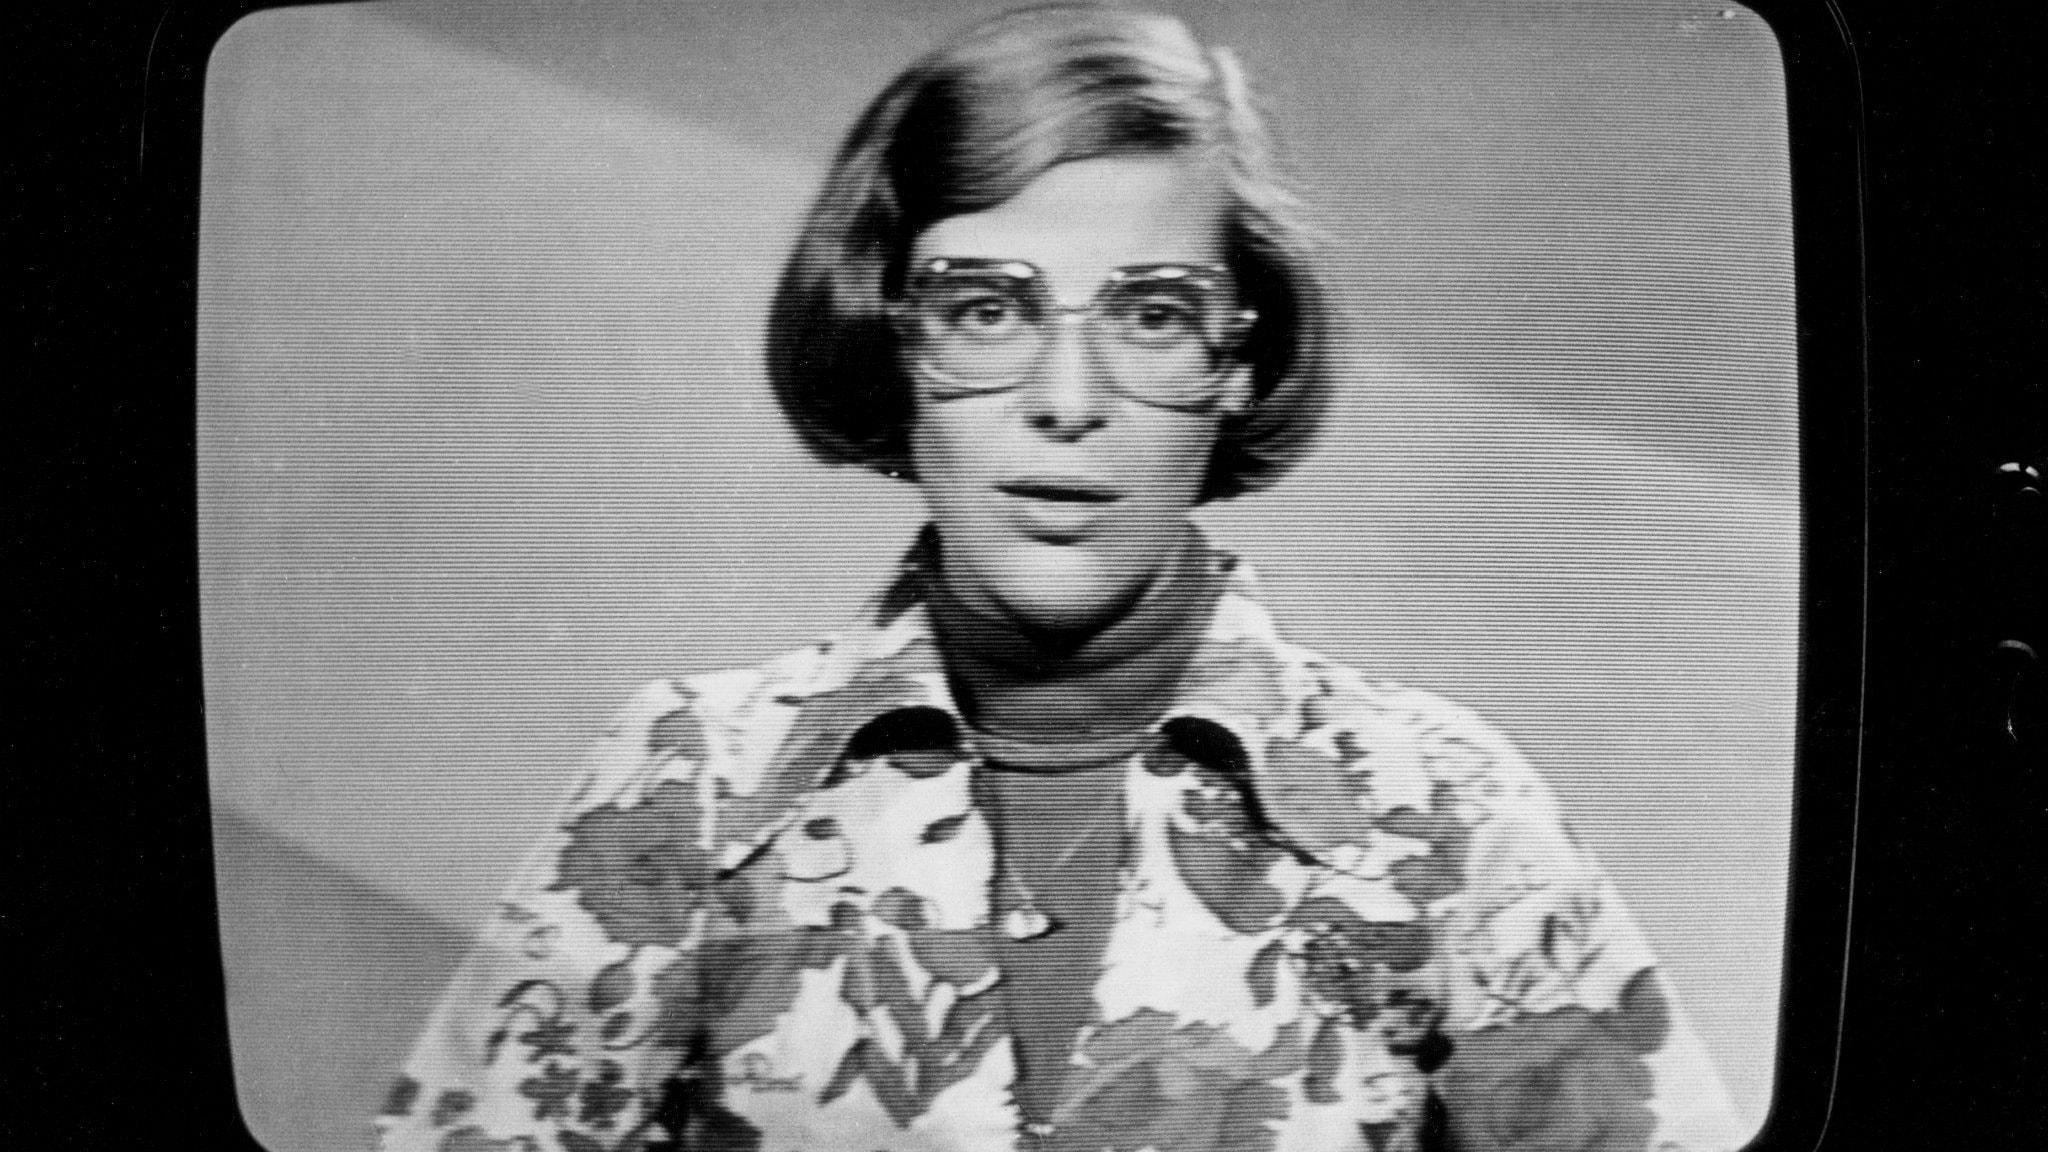 En svartvit bild tagen på en bildrörs-TV när Åsa Bodén är synlig där. Hon ser allvarlig ut och bär glasögon.